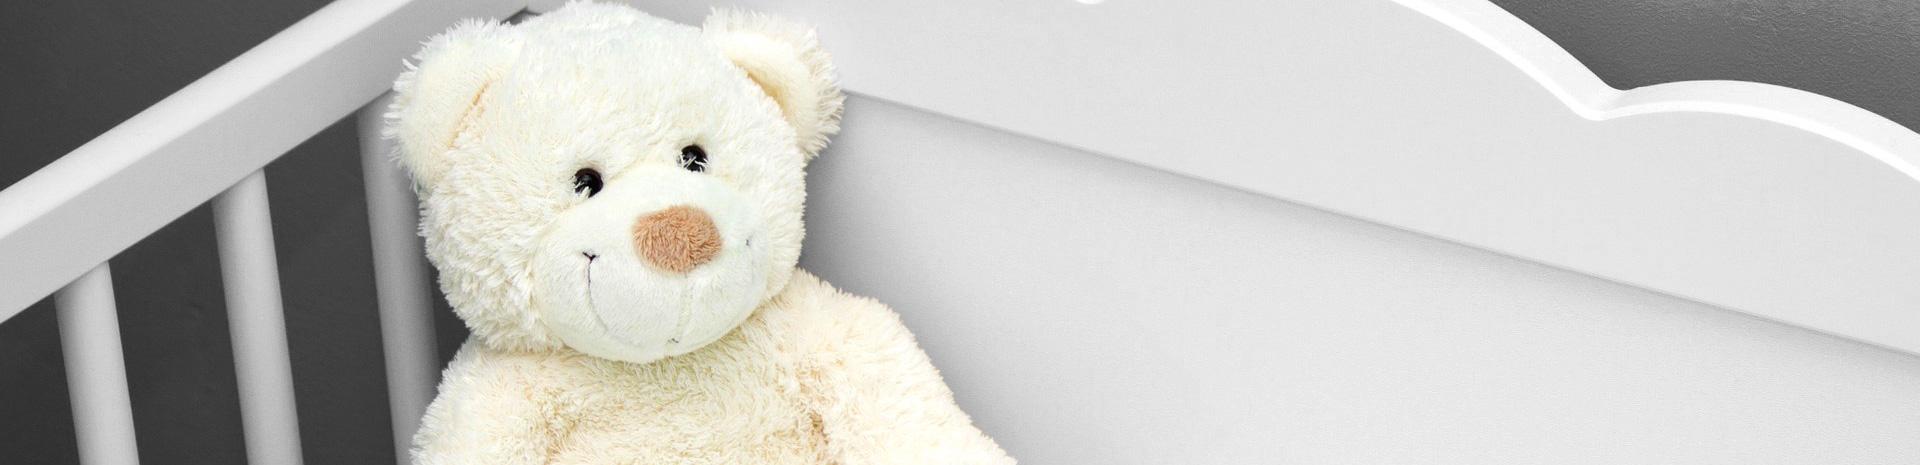 Letselschade door een gebrekkig kinderbed | Letselschadebureau LetselPro